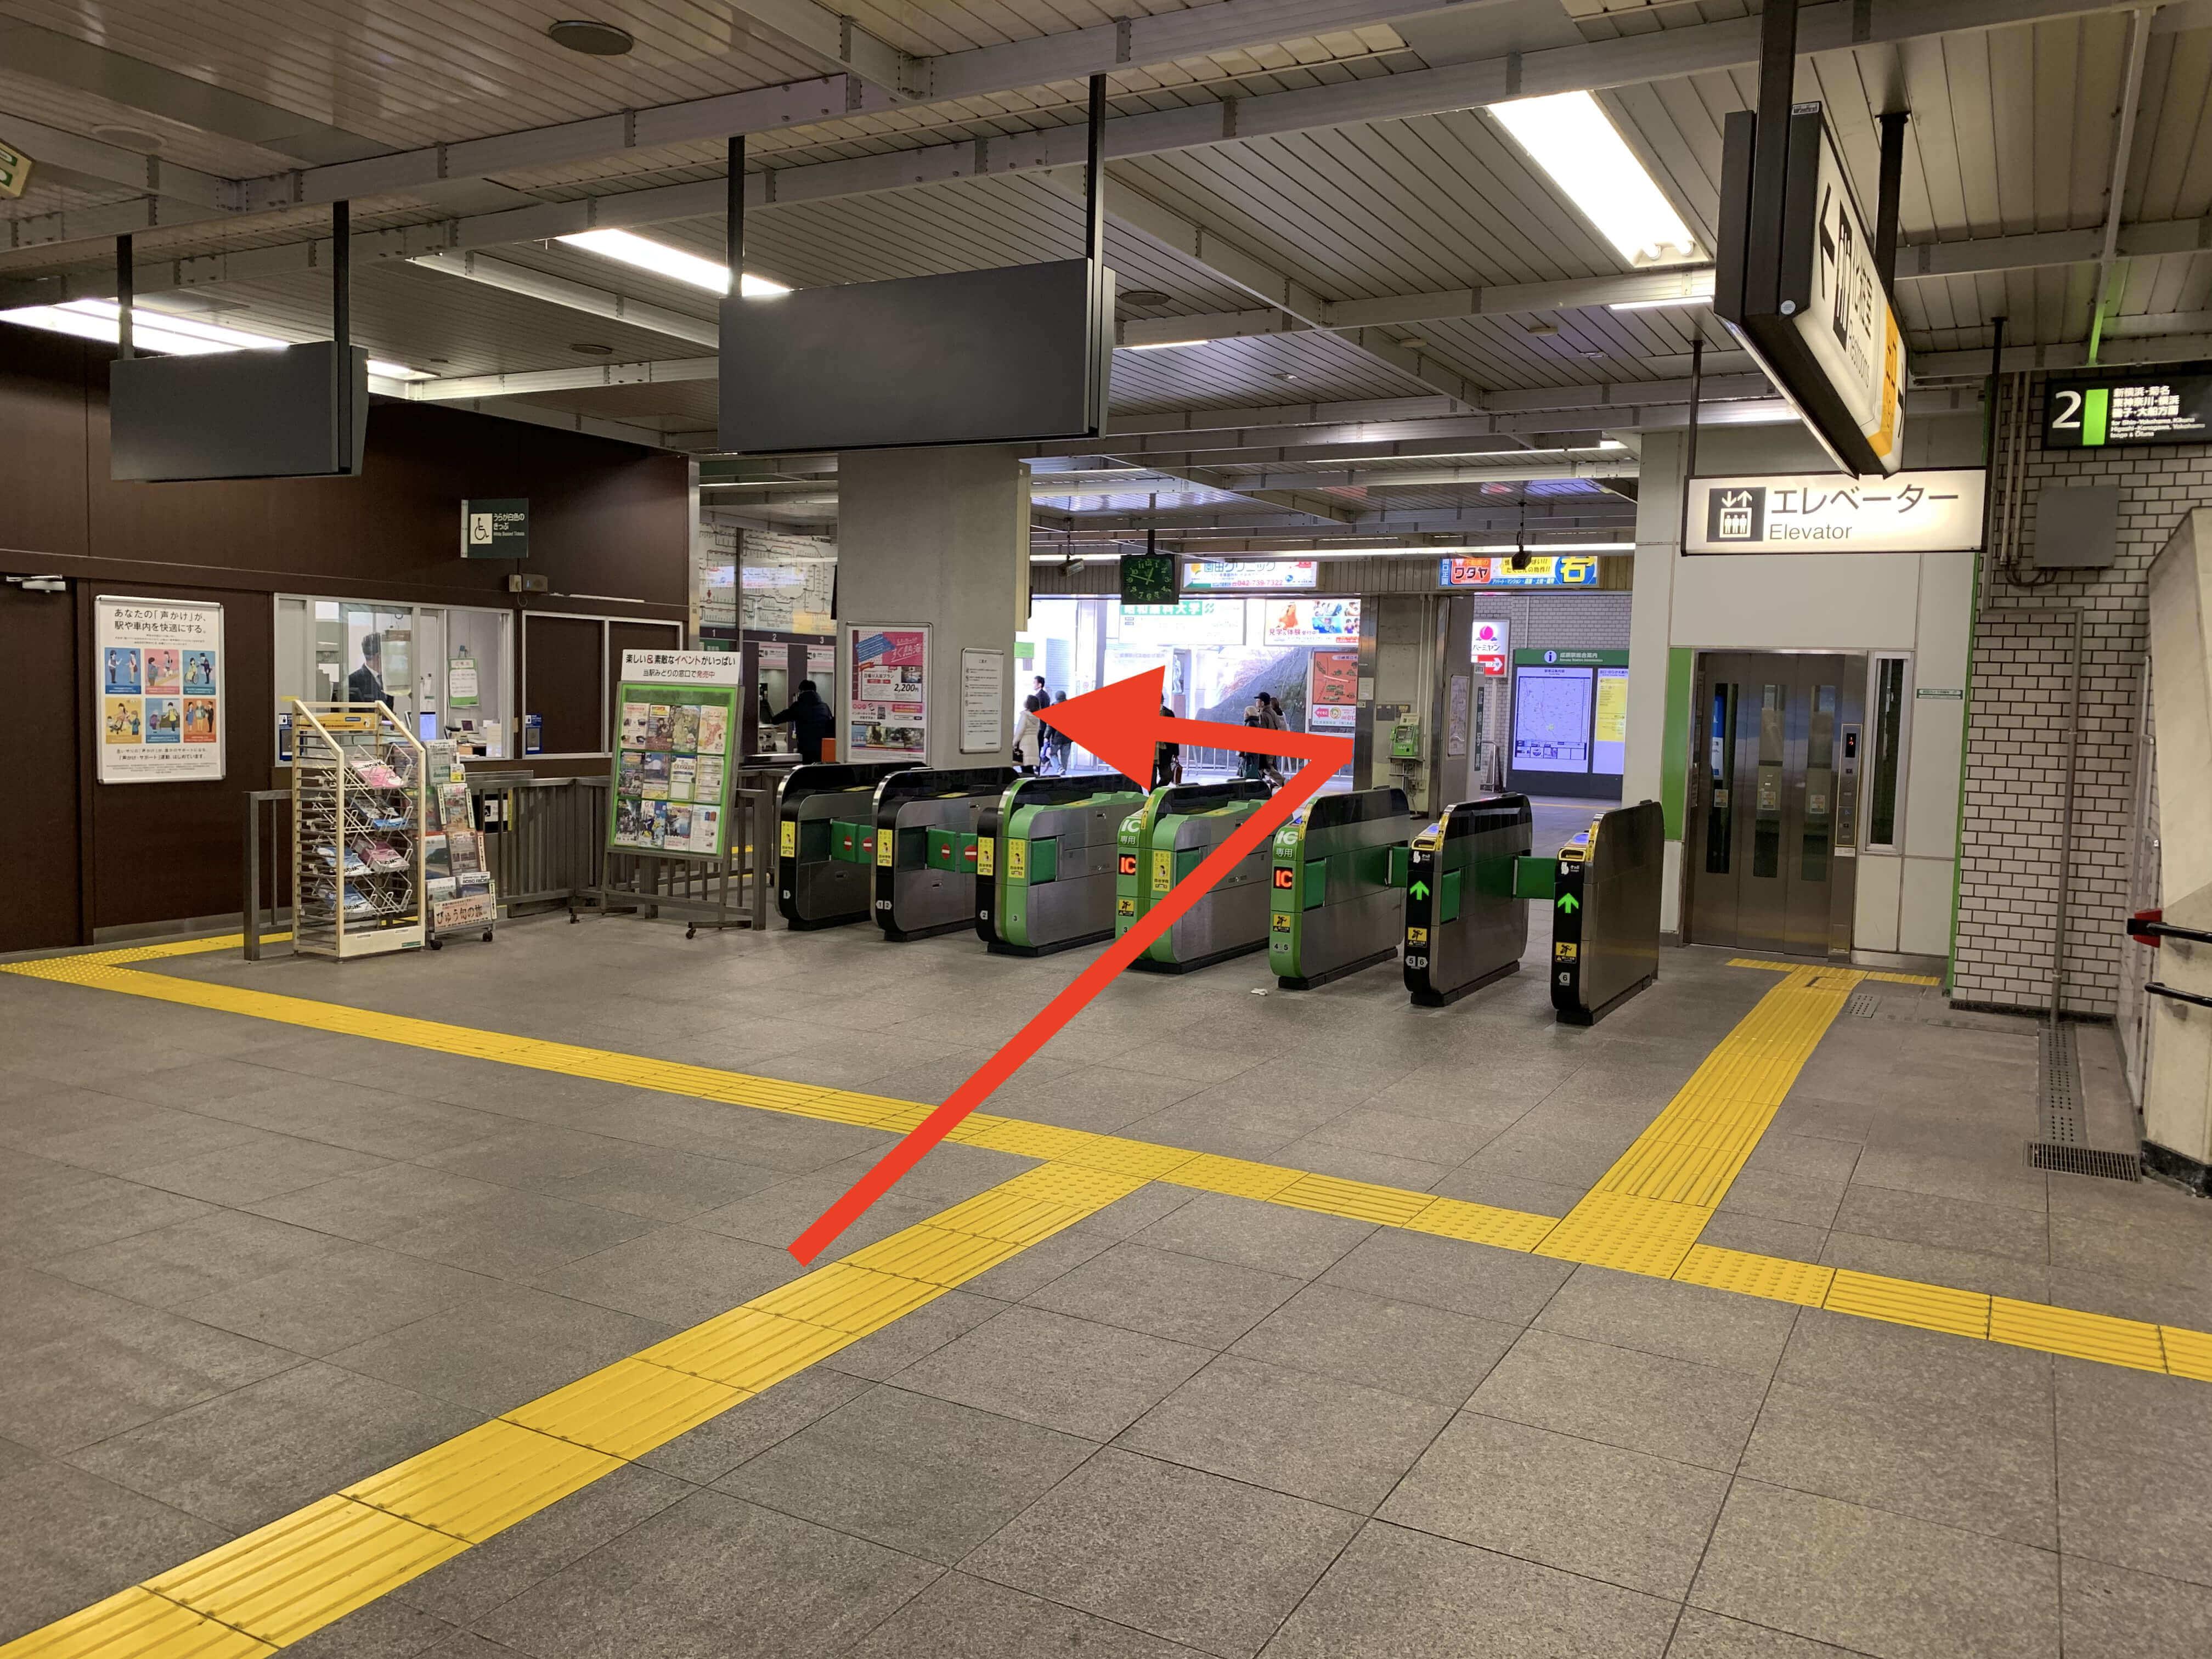 成瀬駅改札前